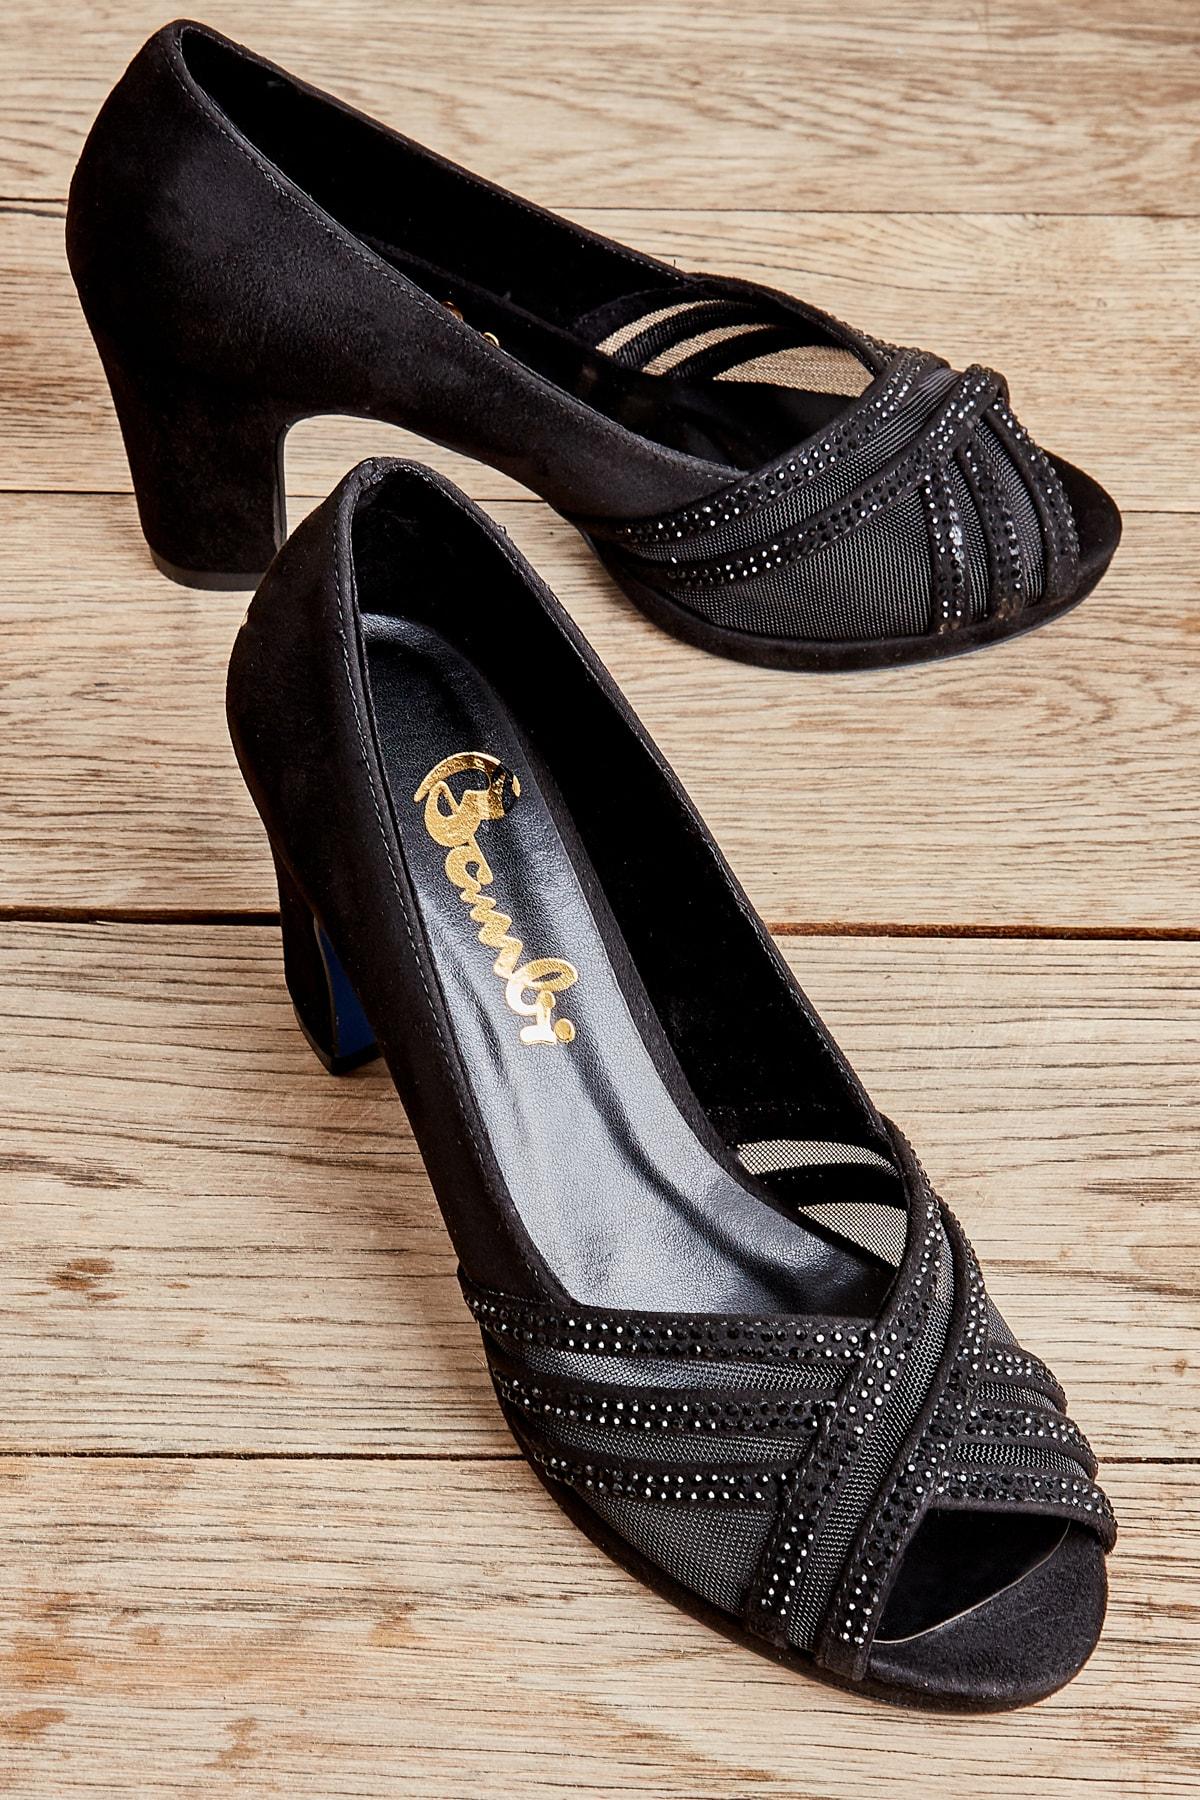 Siyah Kadın Abiye Ayakkabı L0501036806